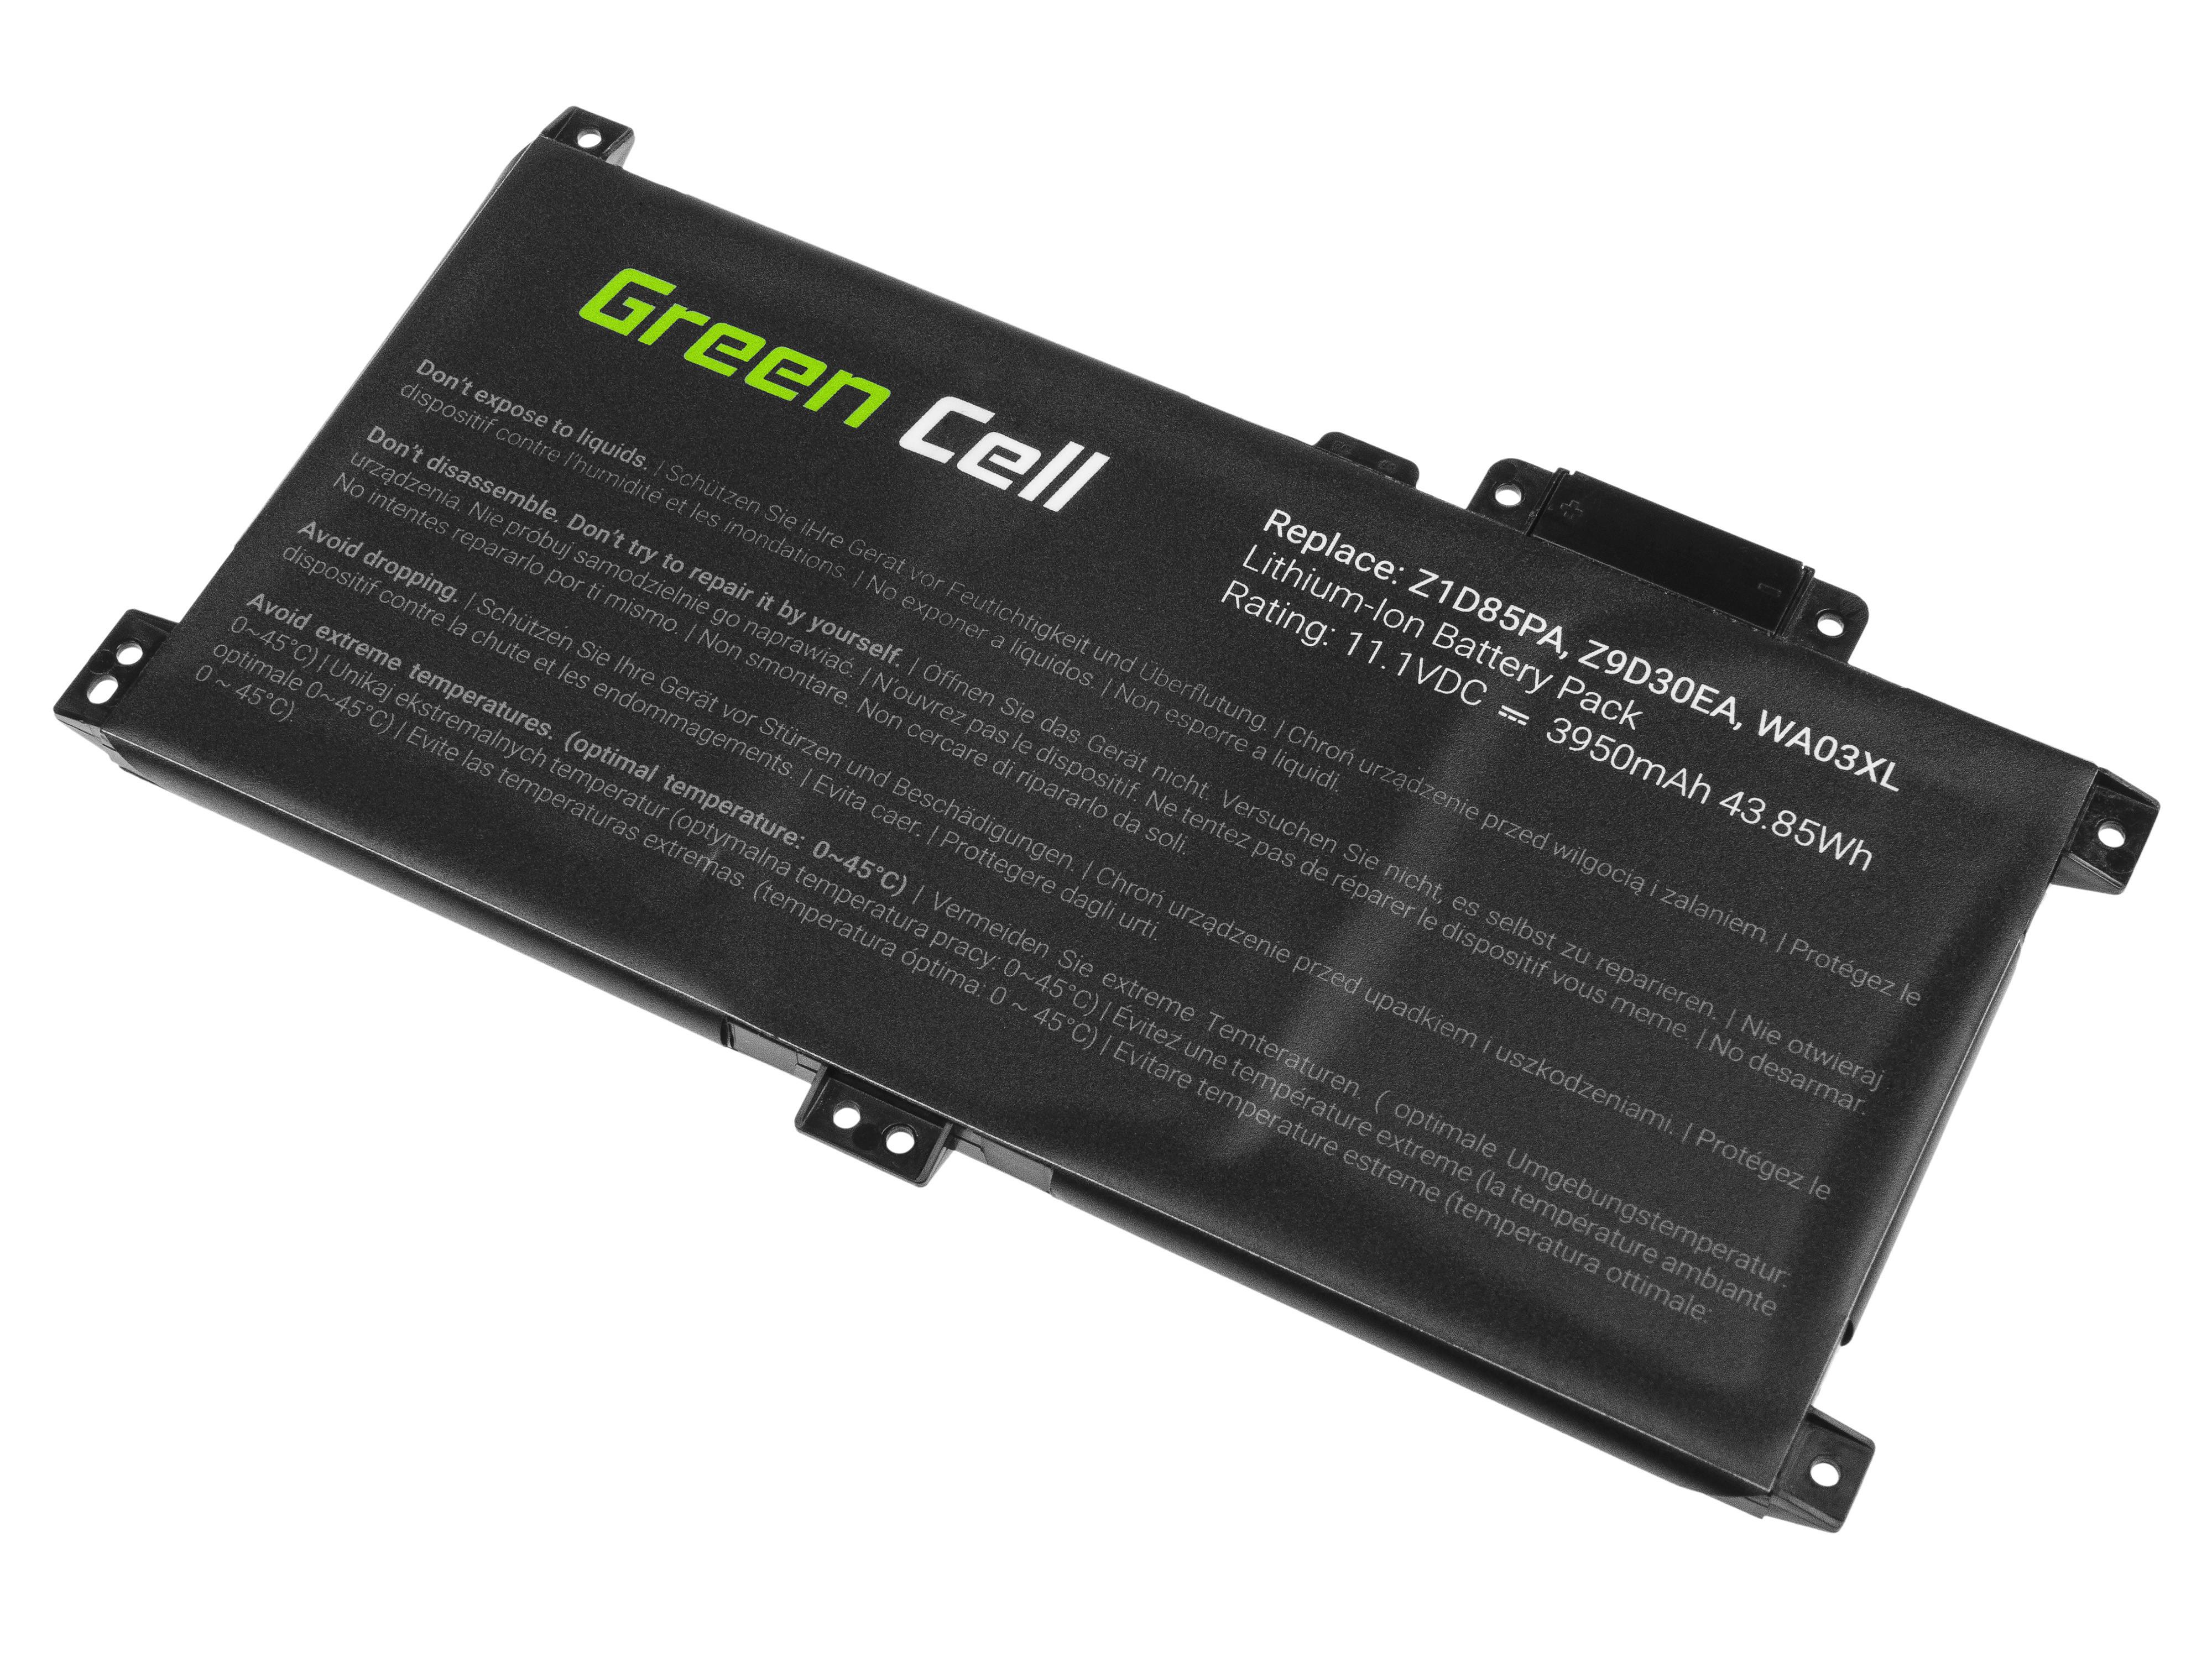 Green Cell HP138 Baterie HP WA03XL HP Pavilion x360 15-BR 15-BR004NW 15-BR005NW 3950mAh Li-Pol - neoriginální